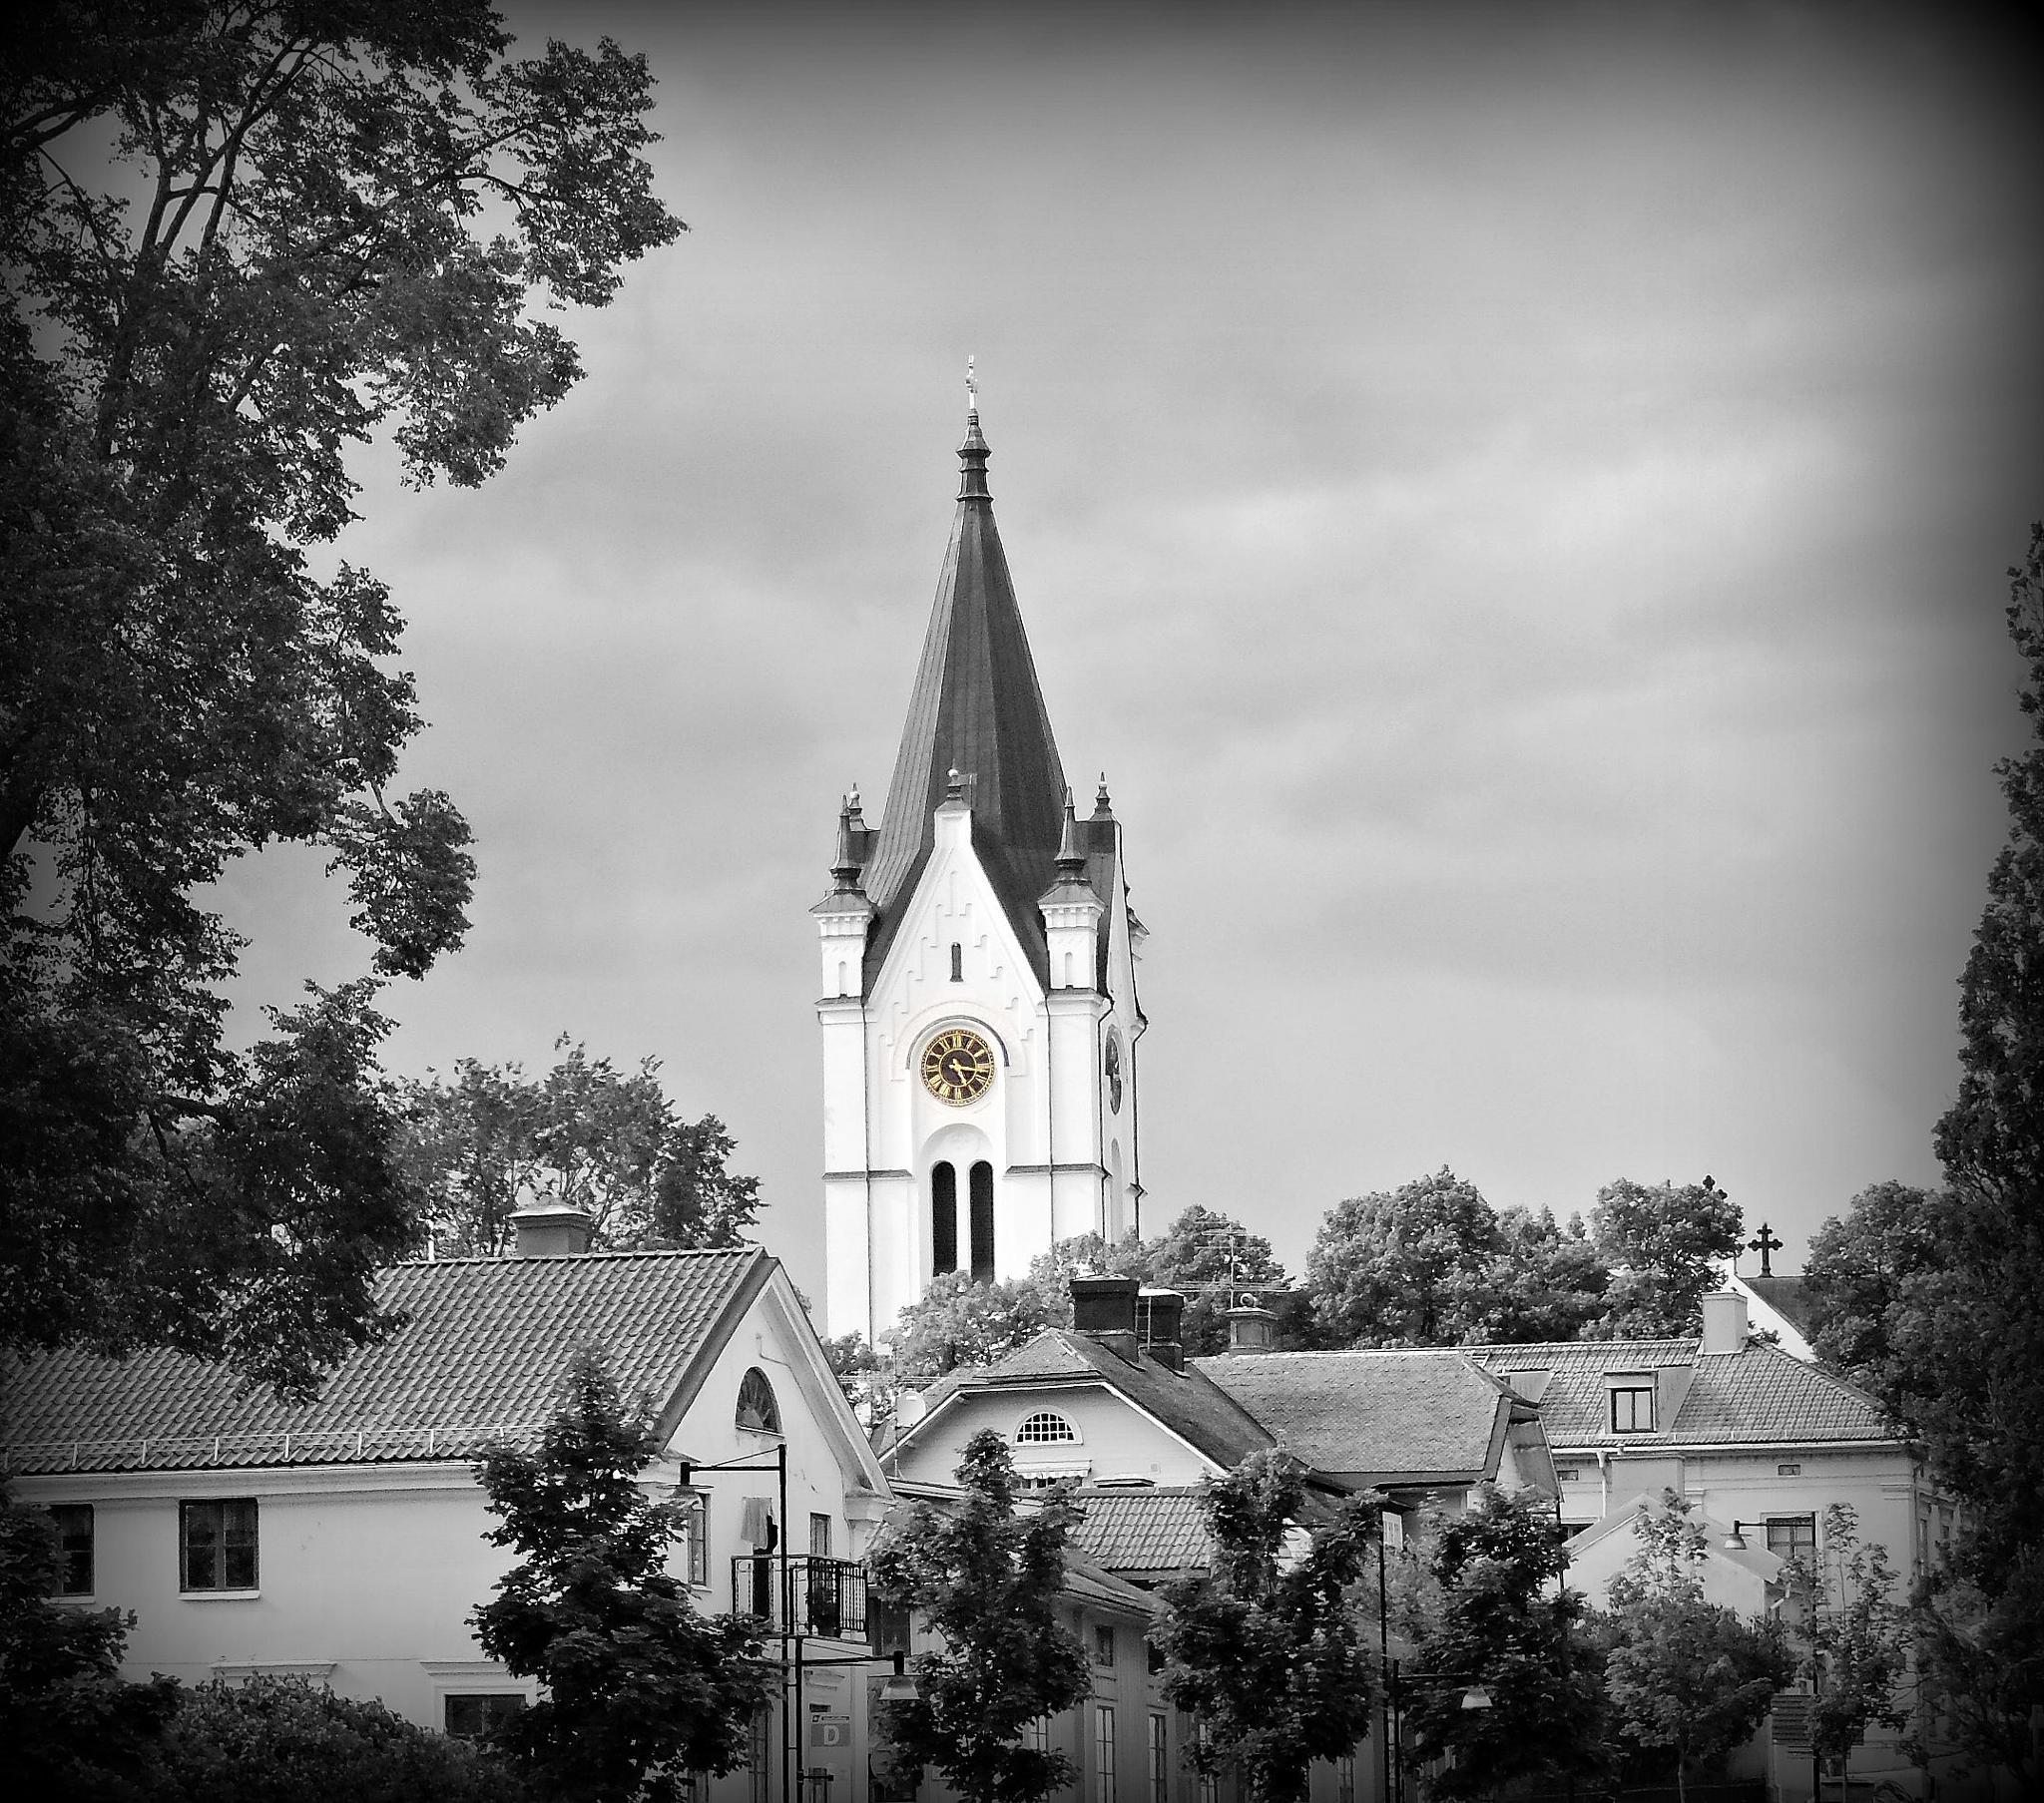 The Church. by ronnie.billstrom